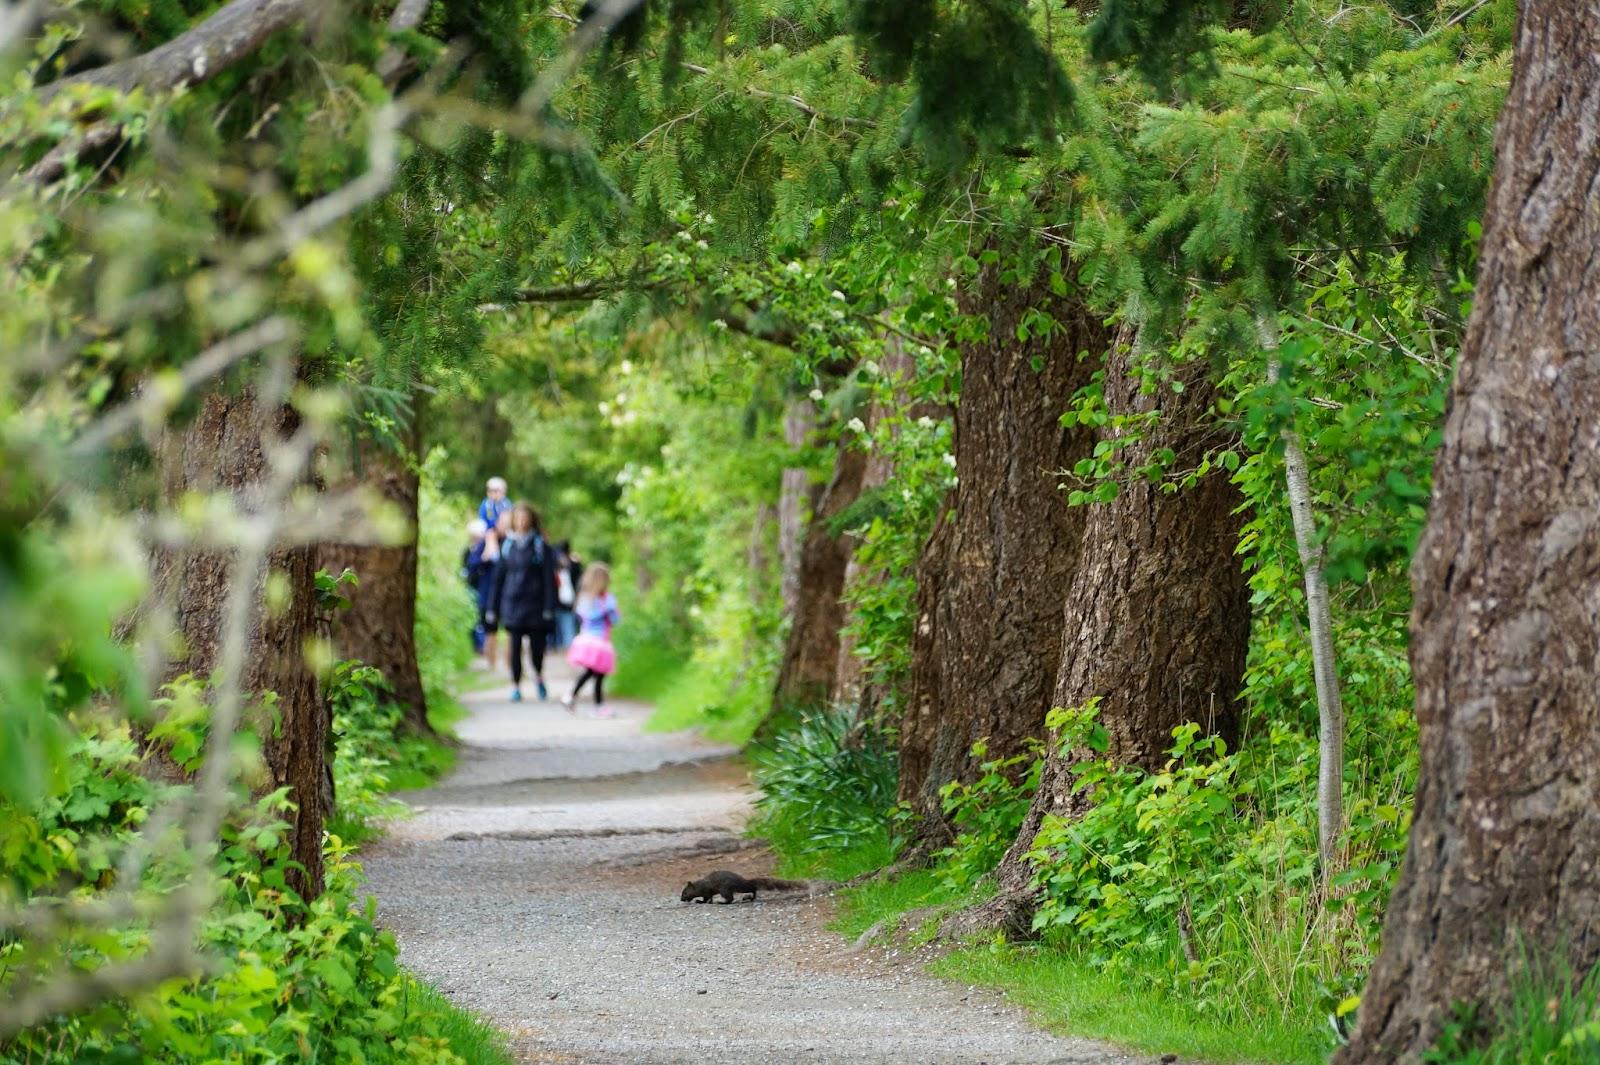 Сюда в дневное время пускают посетителей, где они могут побродить по вот таким дорожкам вдоль деревьев и прудов